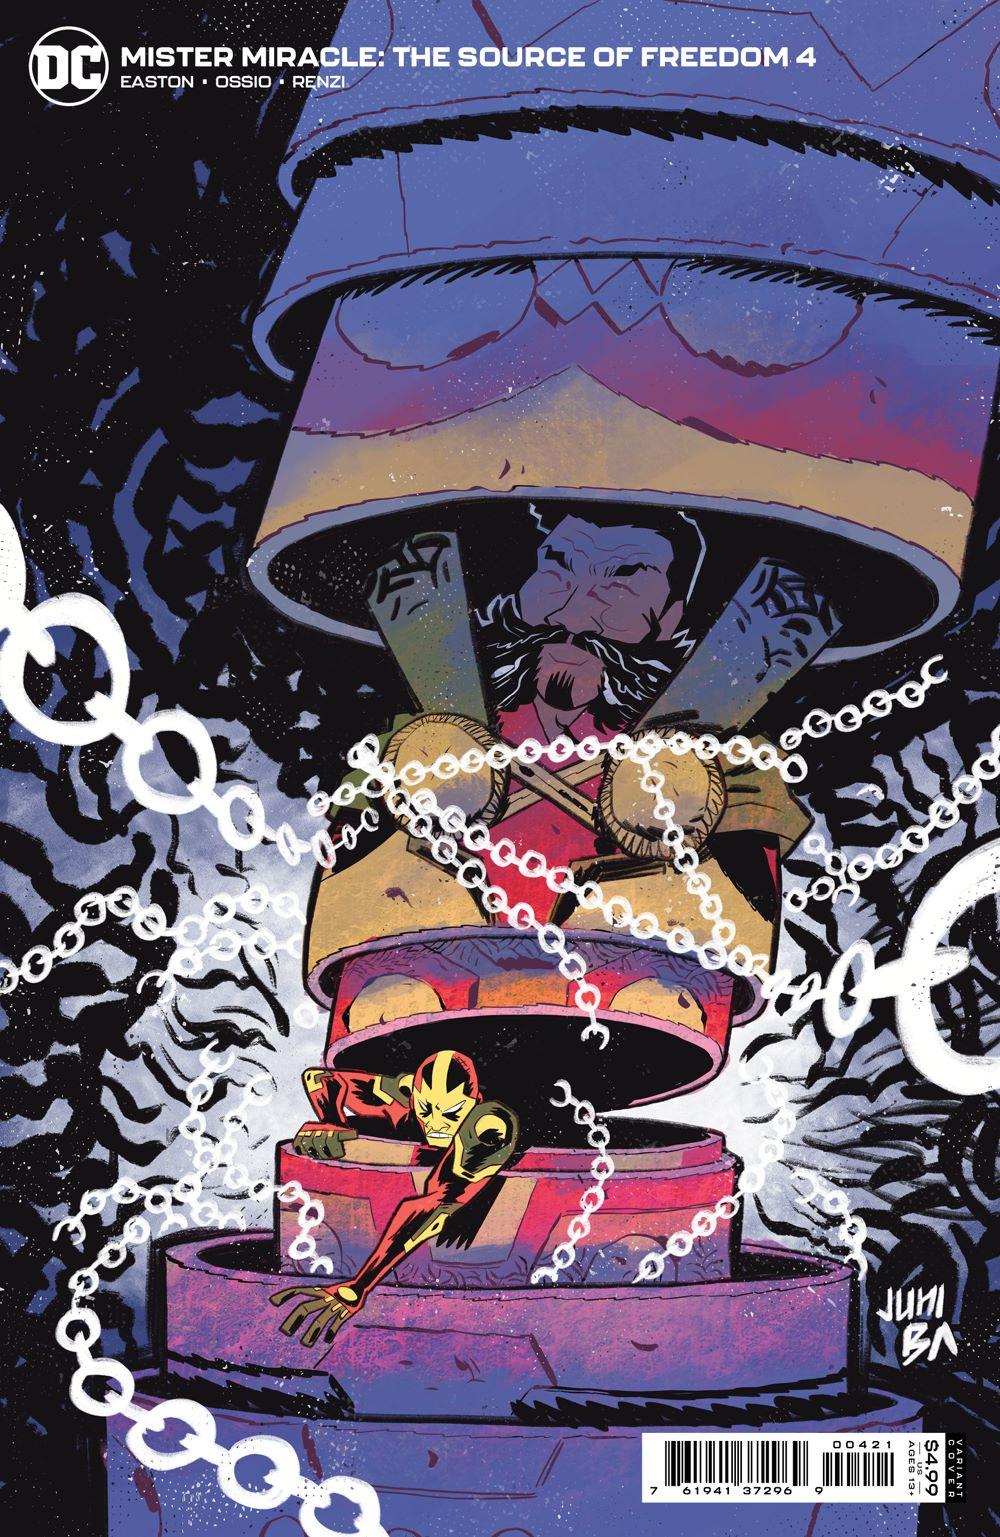 MMTSOF_Cv4_var_00421 DC Comics August 2021 Solicitations